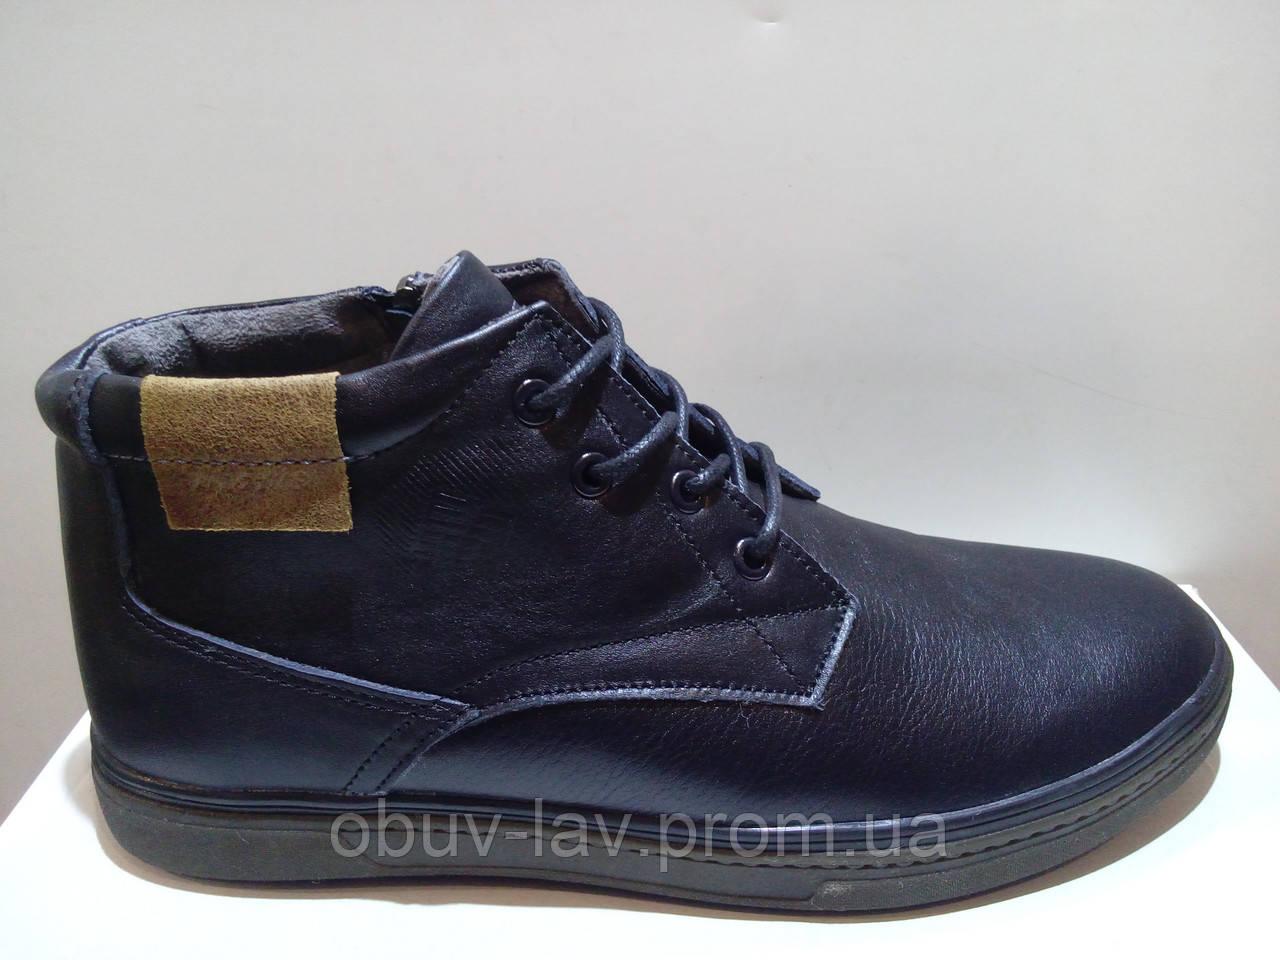 7e1e64304 Зимние мужские кожаные кроссовки maxus: продажа, цена в Херсоне ...